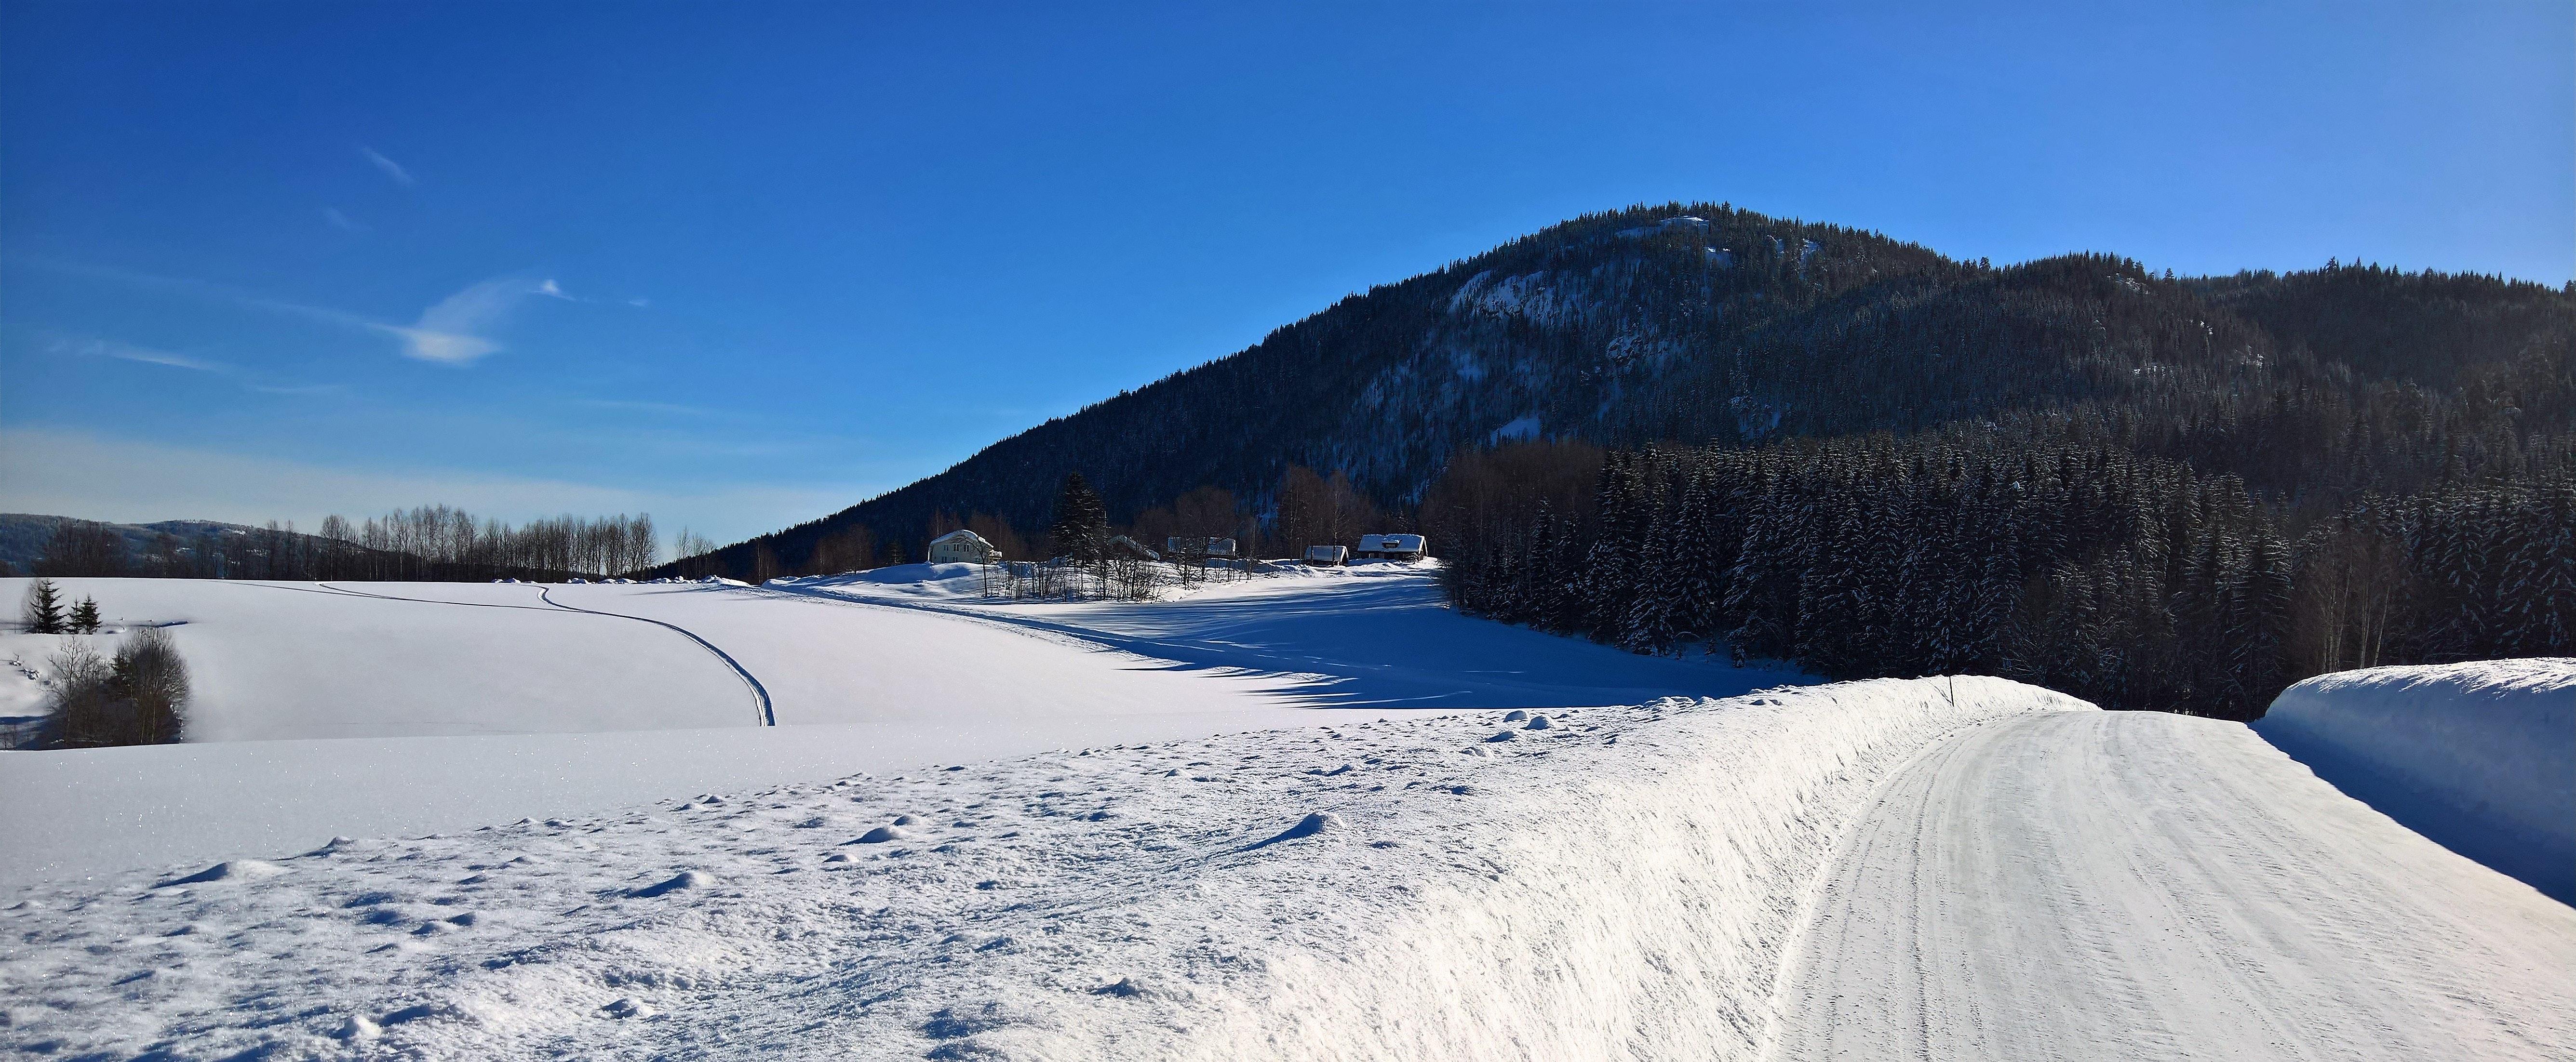 Pathway near mountain photo